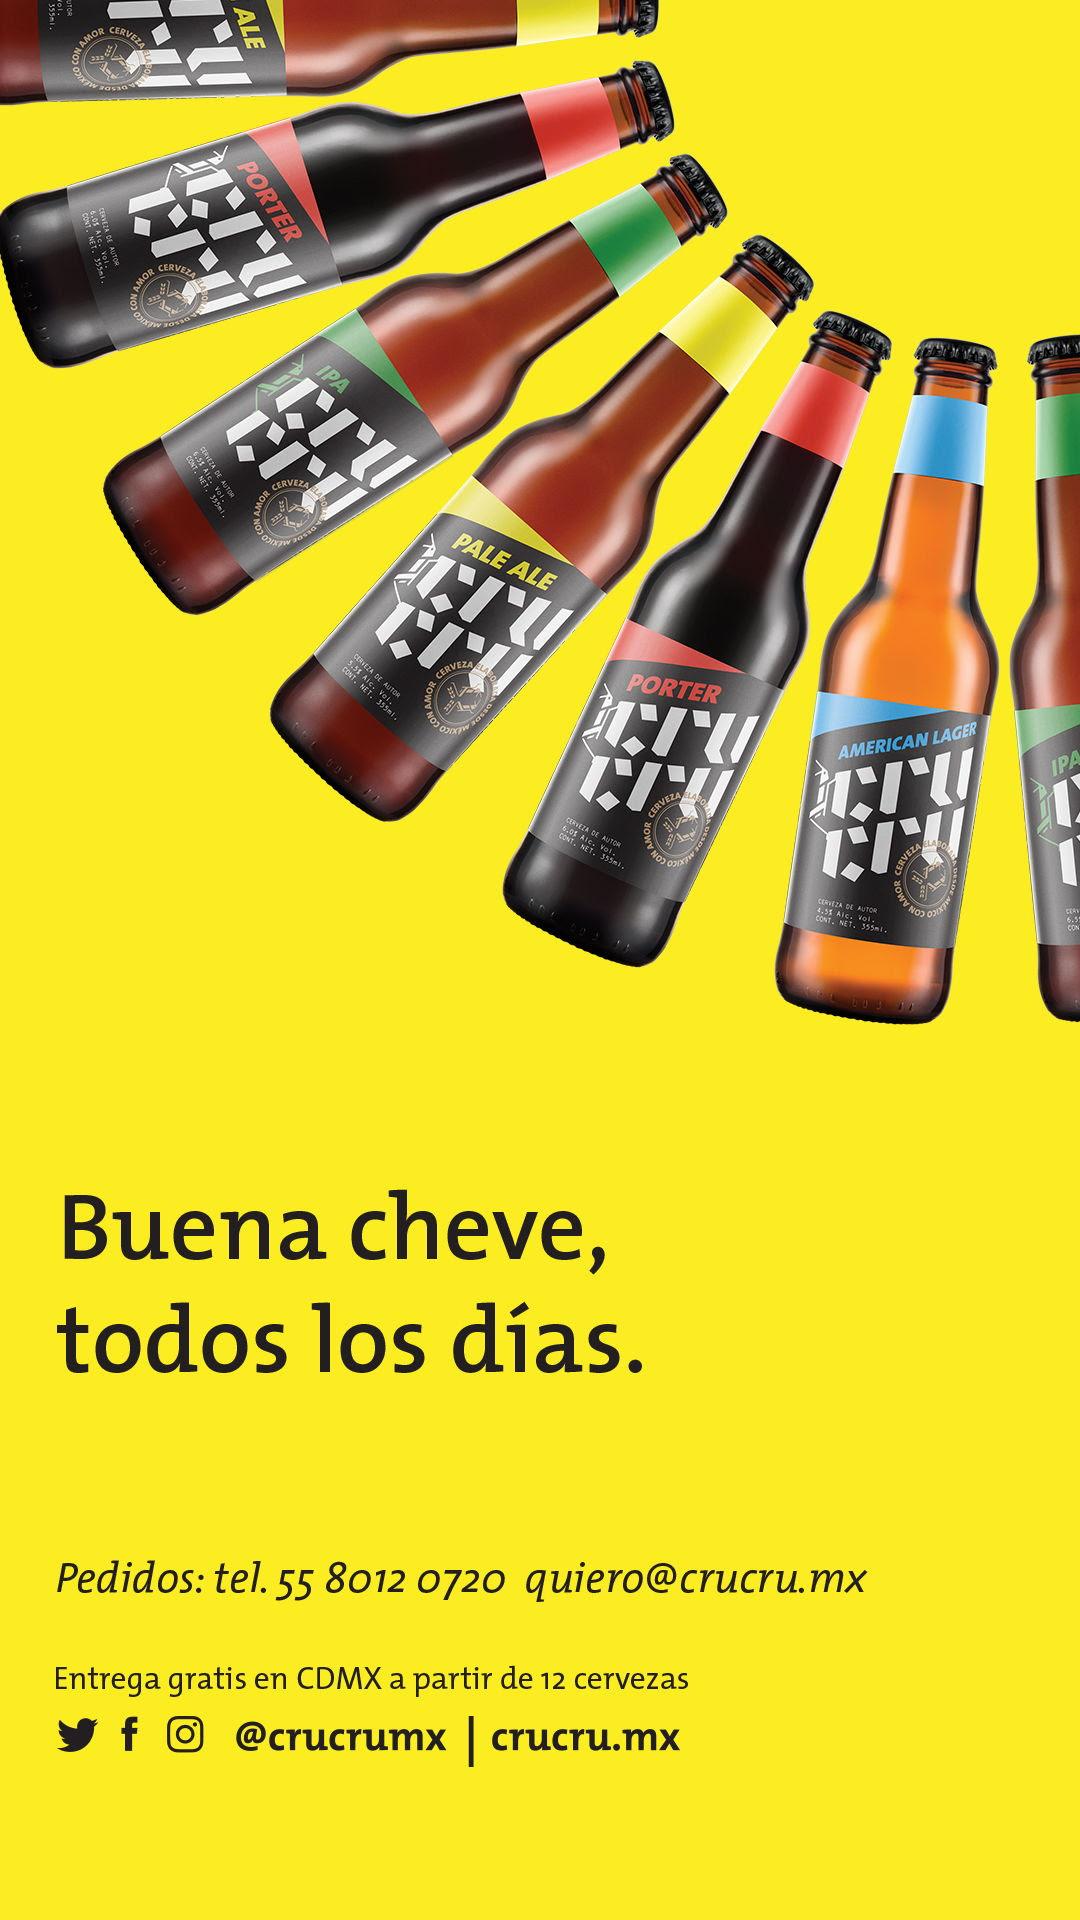 9 Cervezas artesanales mexicanas que puedes pedir a domicilio 8